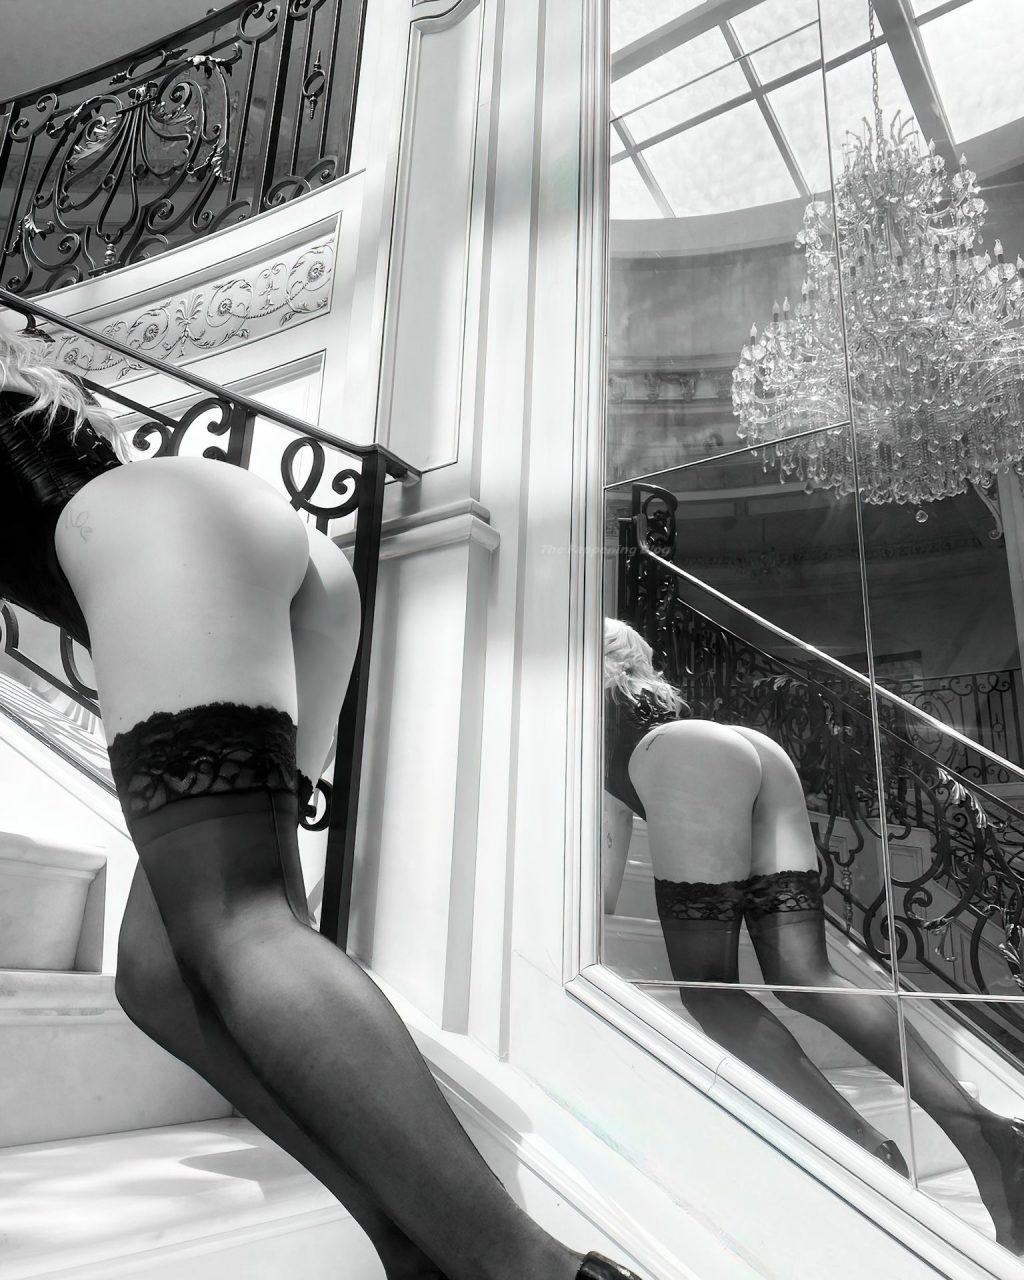 Lottie Moss Shows Off Her Sexy Butt (9 Photos)